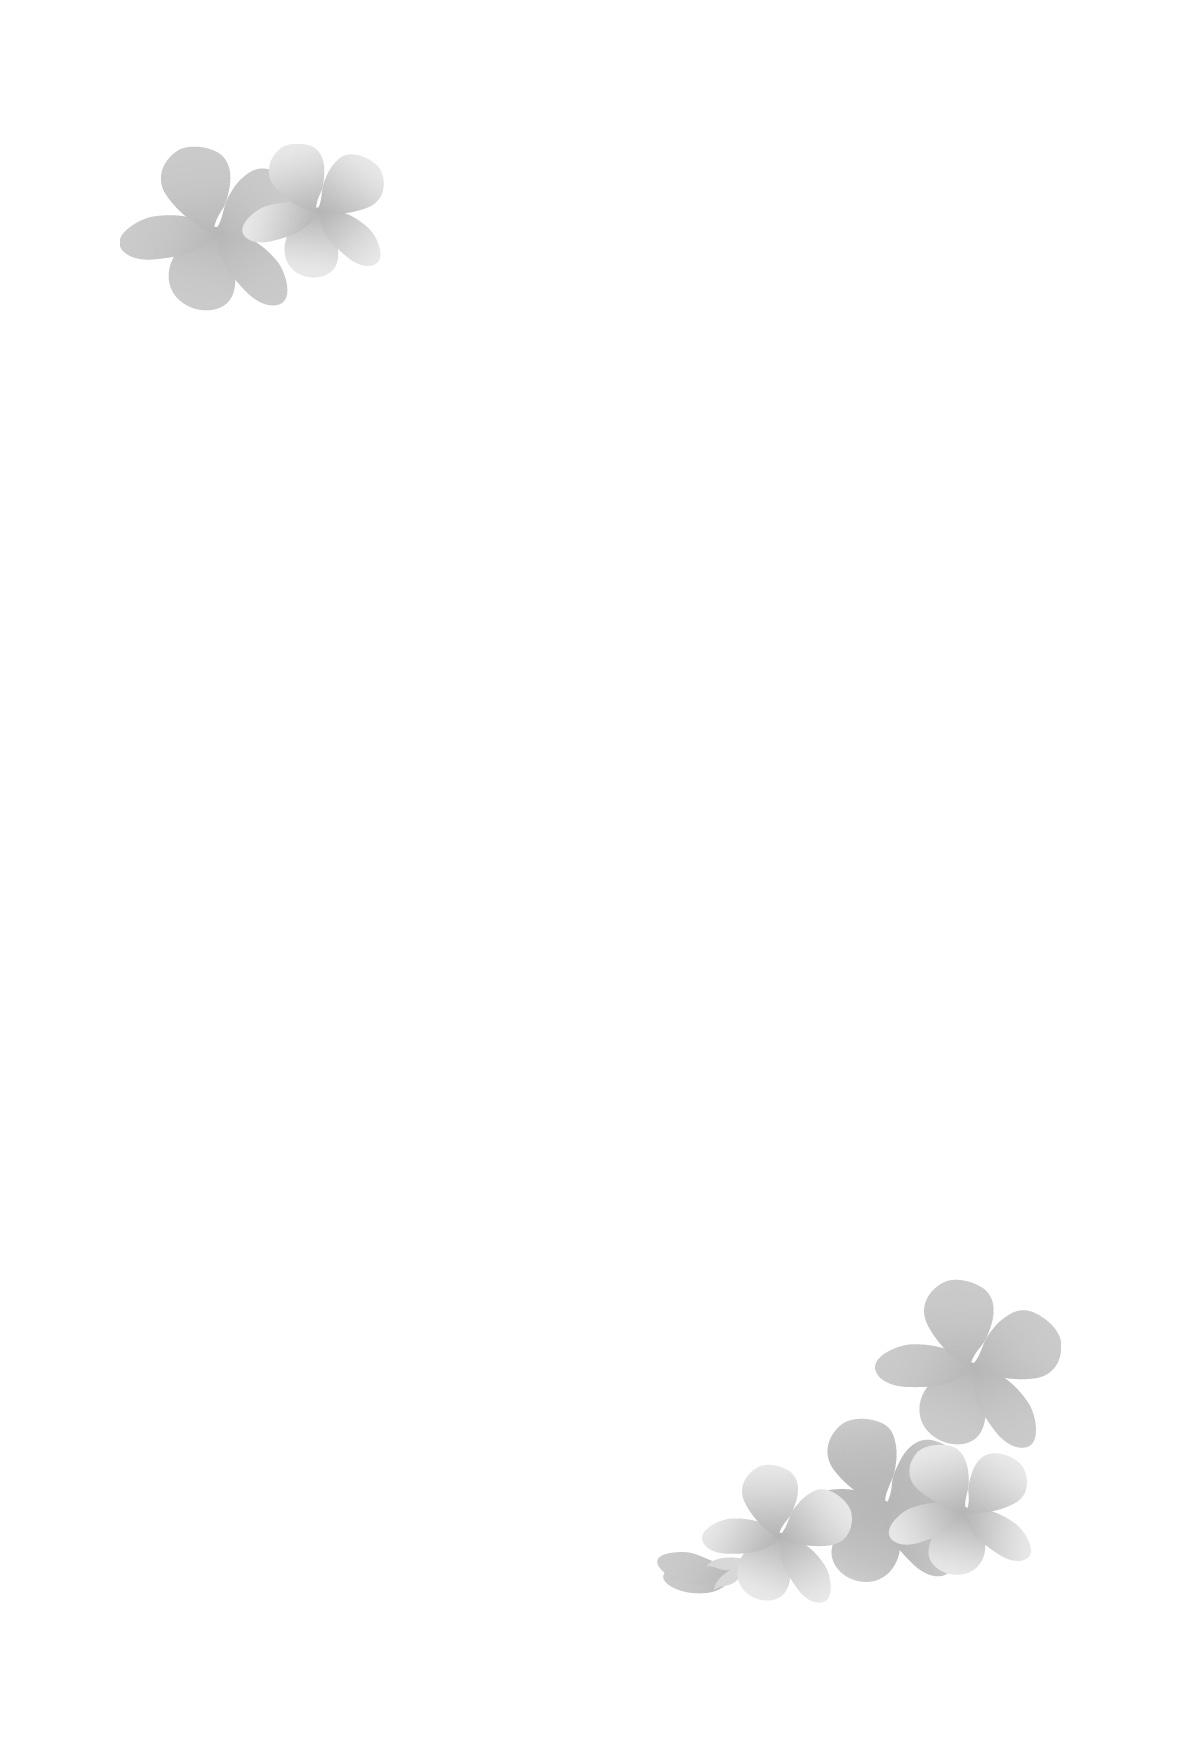 フォント専門サイト fontnavi